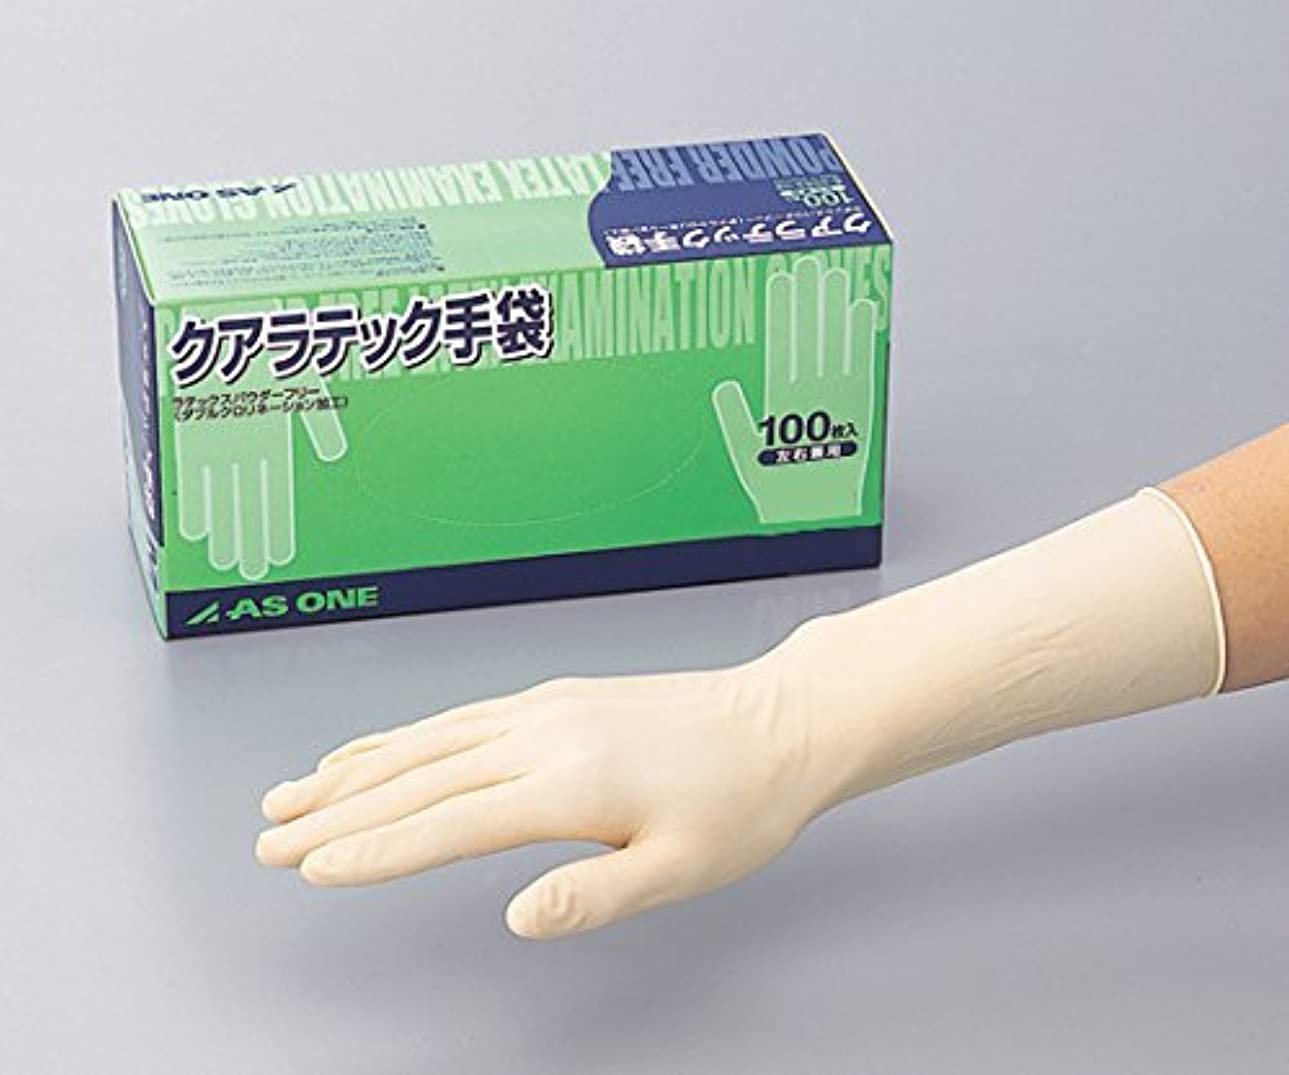 いっぱい令状豪華なアズワン8-4053-01クアラテック手袋(DXパウダーフリー)L1箱(100枚入)